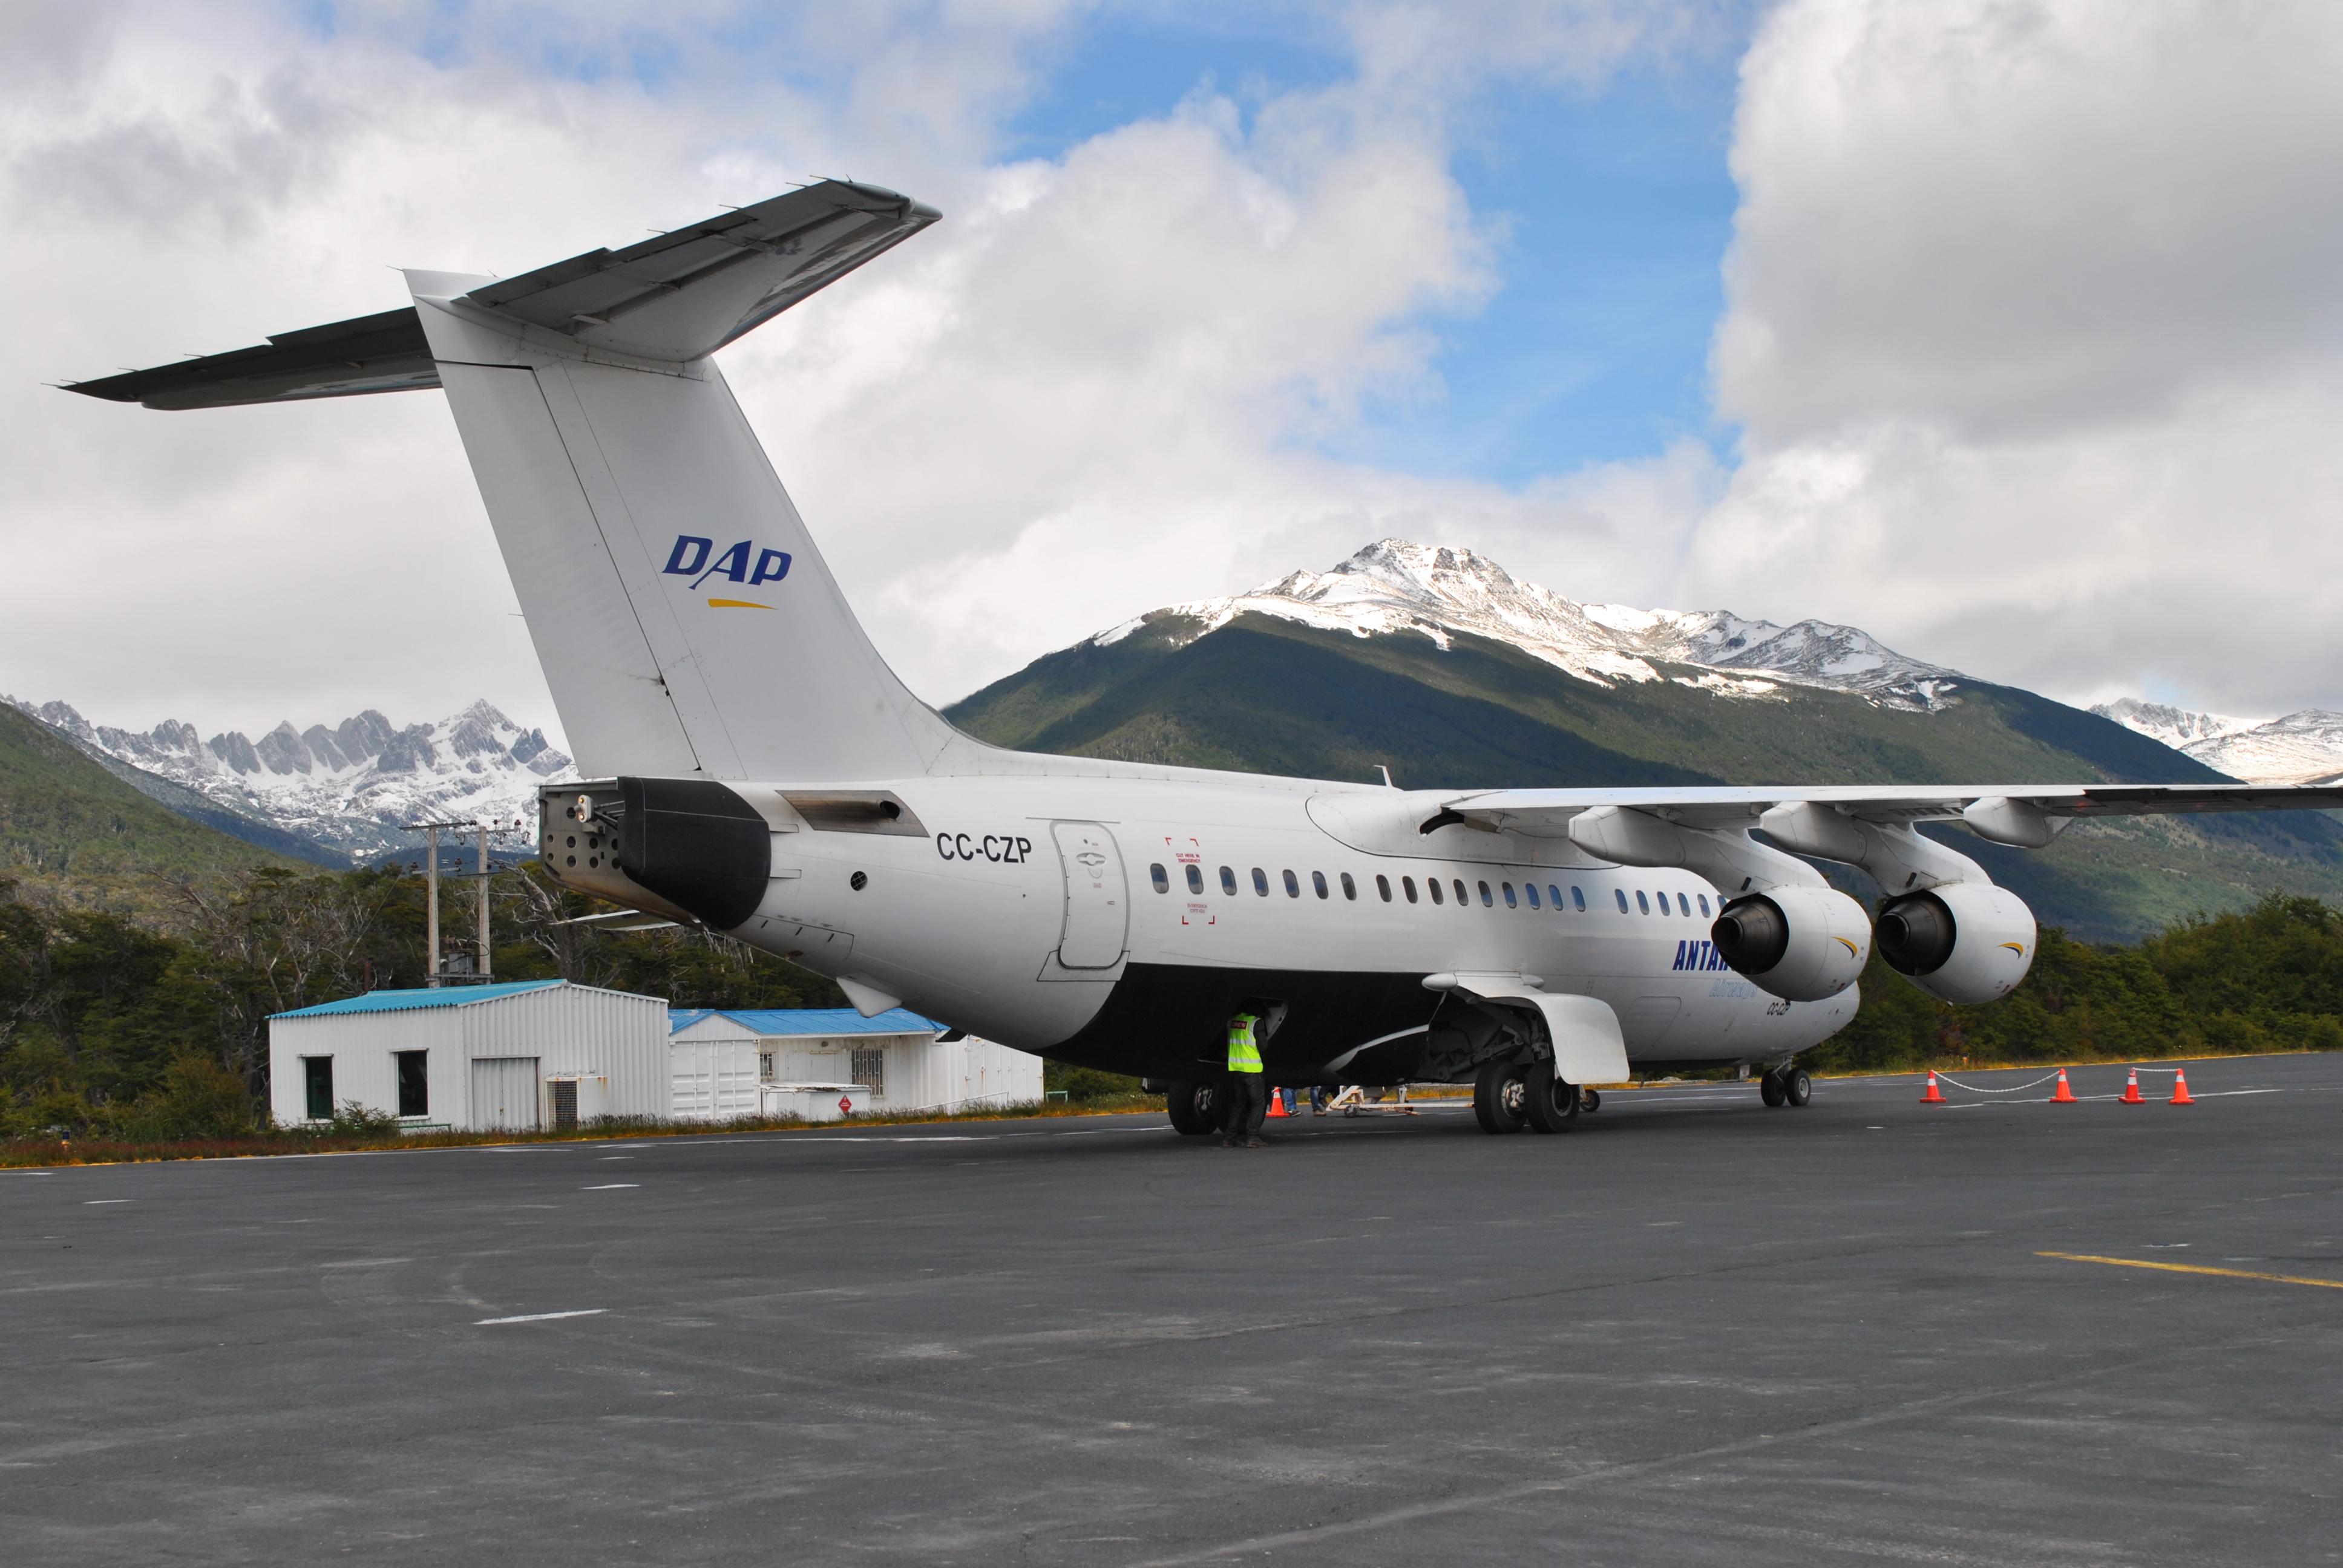 BAE Aerovías DAP en Puerto Williams. Foto PrensaAntártica